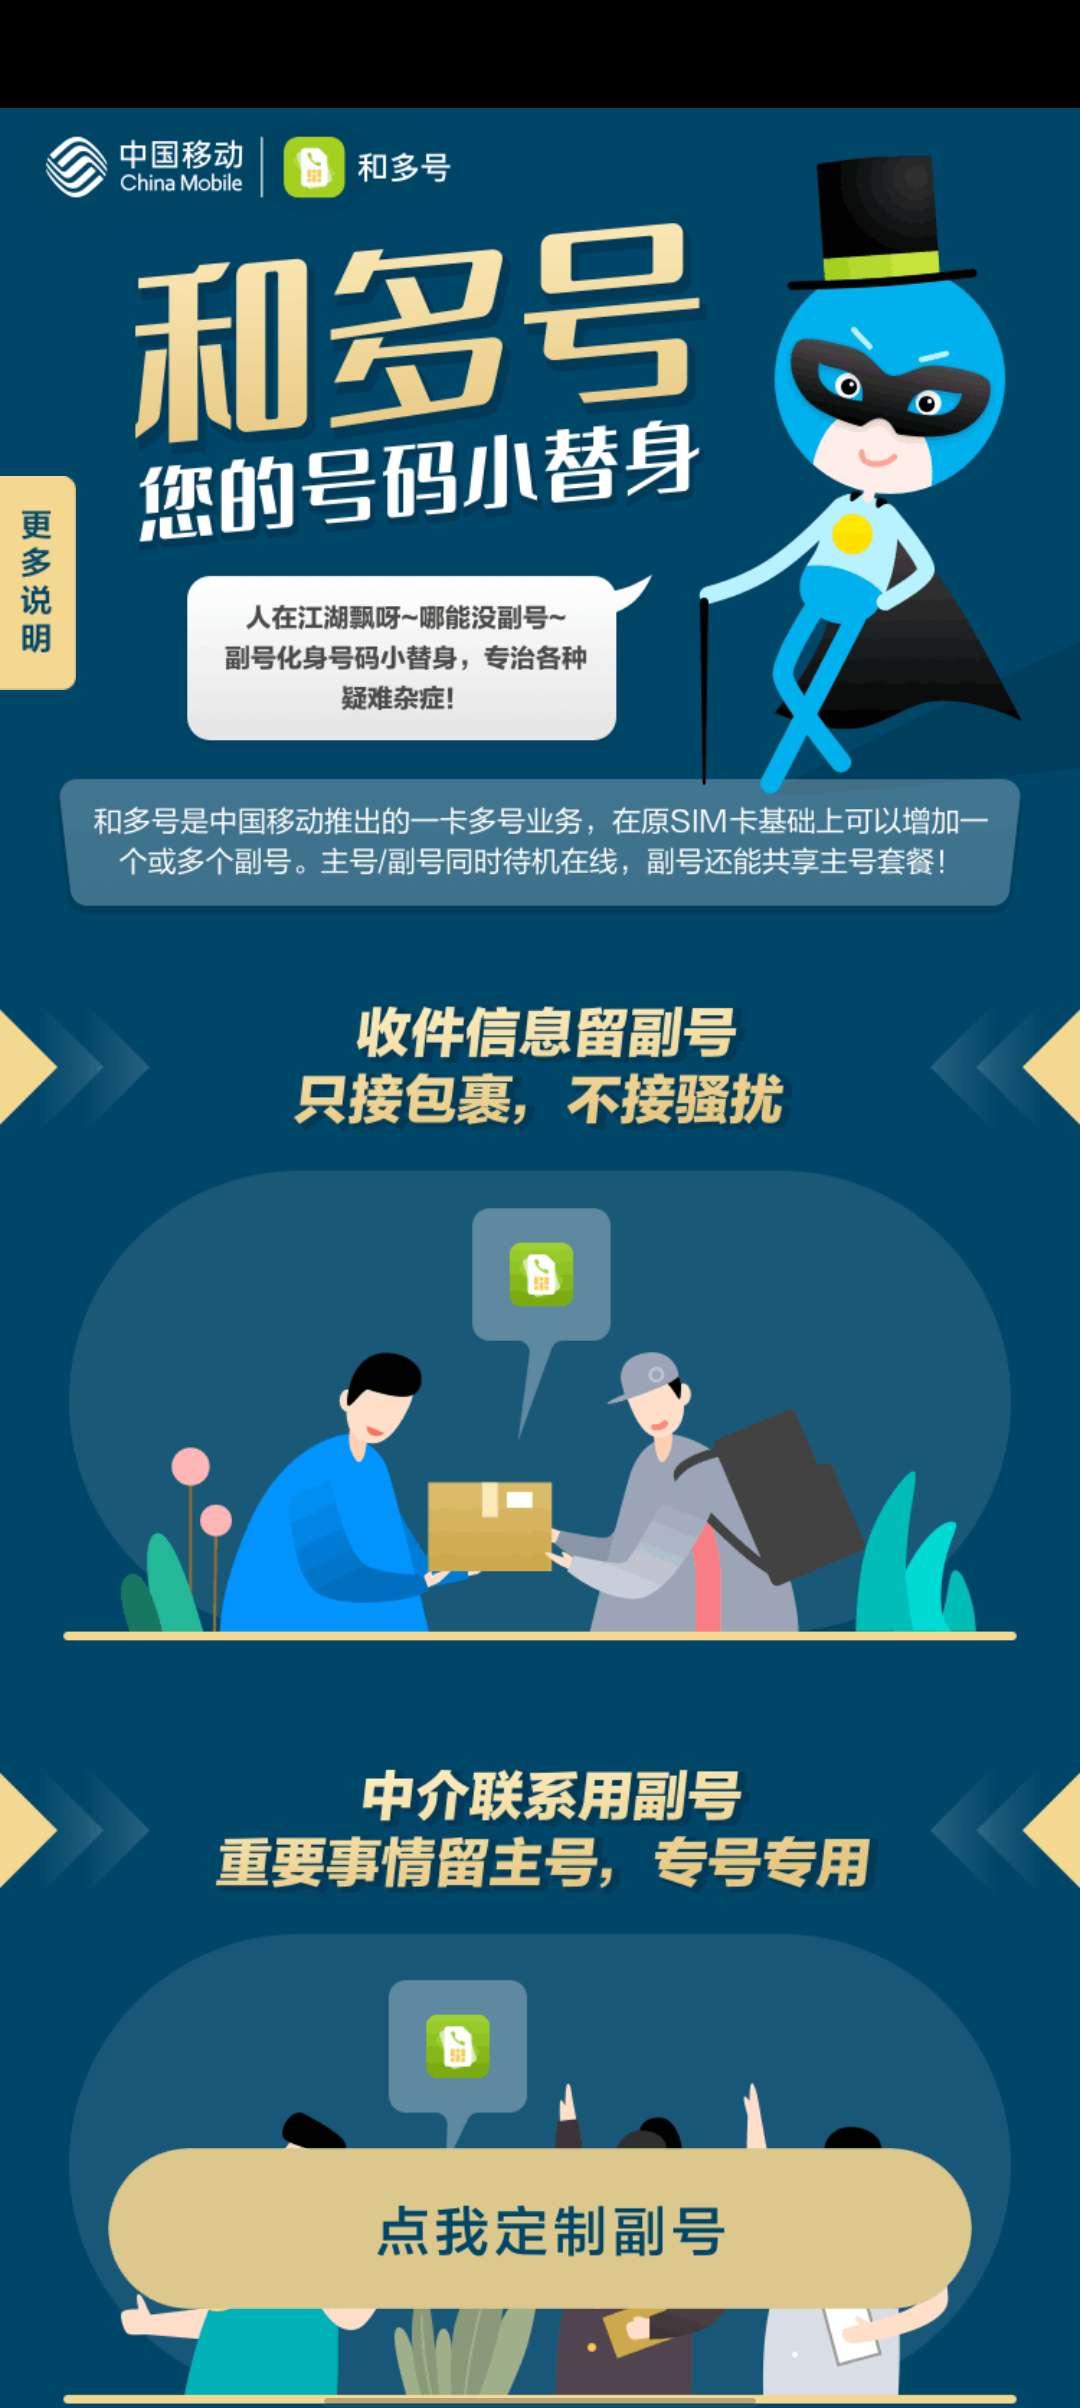 中国移动领2个月的副号体验